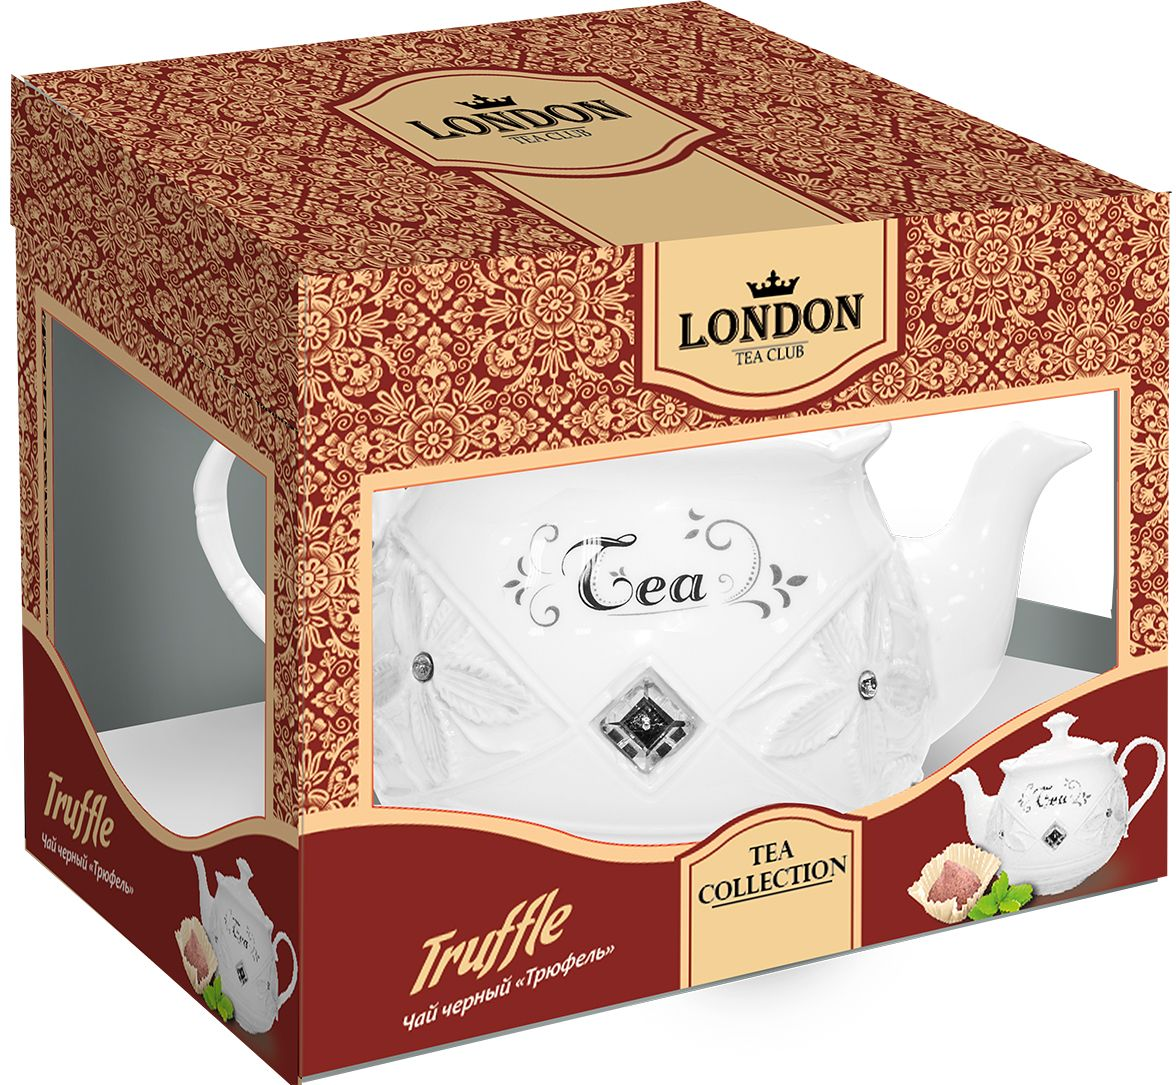 London Tea Club Трюфель чай черный в заварнике, 100 г4607051542488Чай Трюфель с бархатным вкусом черного чая с нежным ароматом какао и шоколадно-сливочной помадки. Яркое сочетание чая с лепестками сафлора подарит вам и вашим близким гармонию и солнечное настроение на весь день.